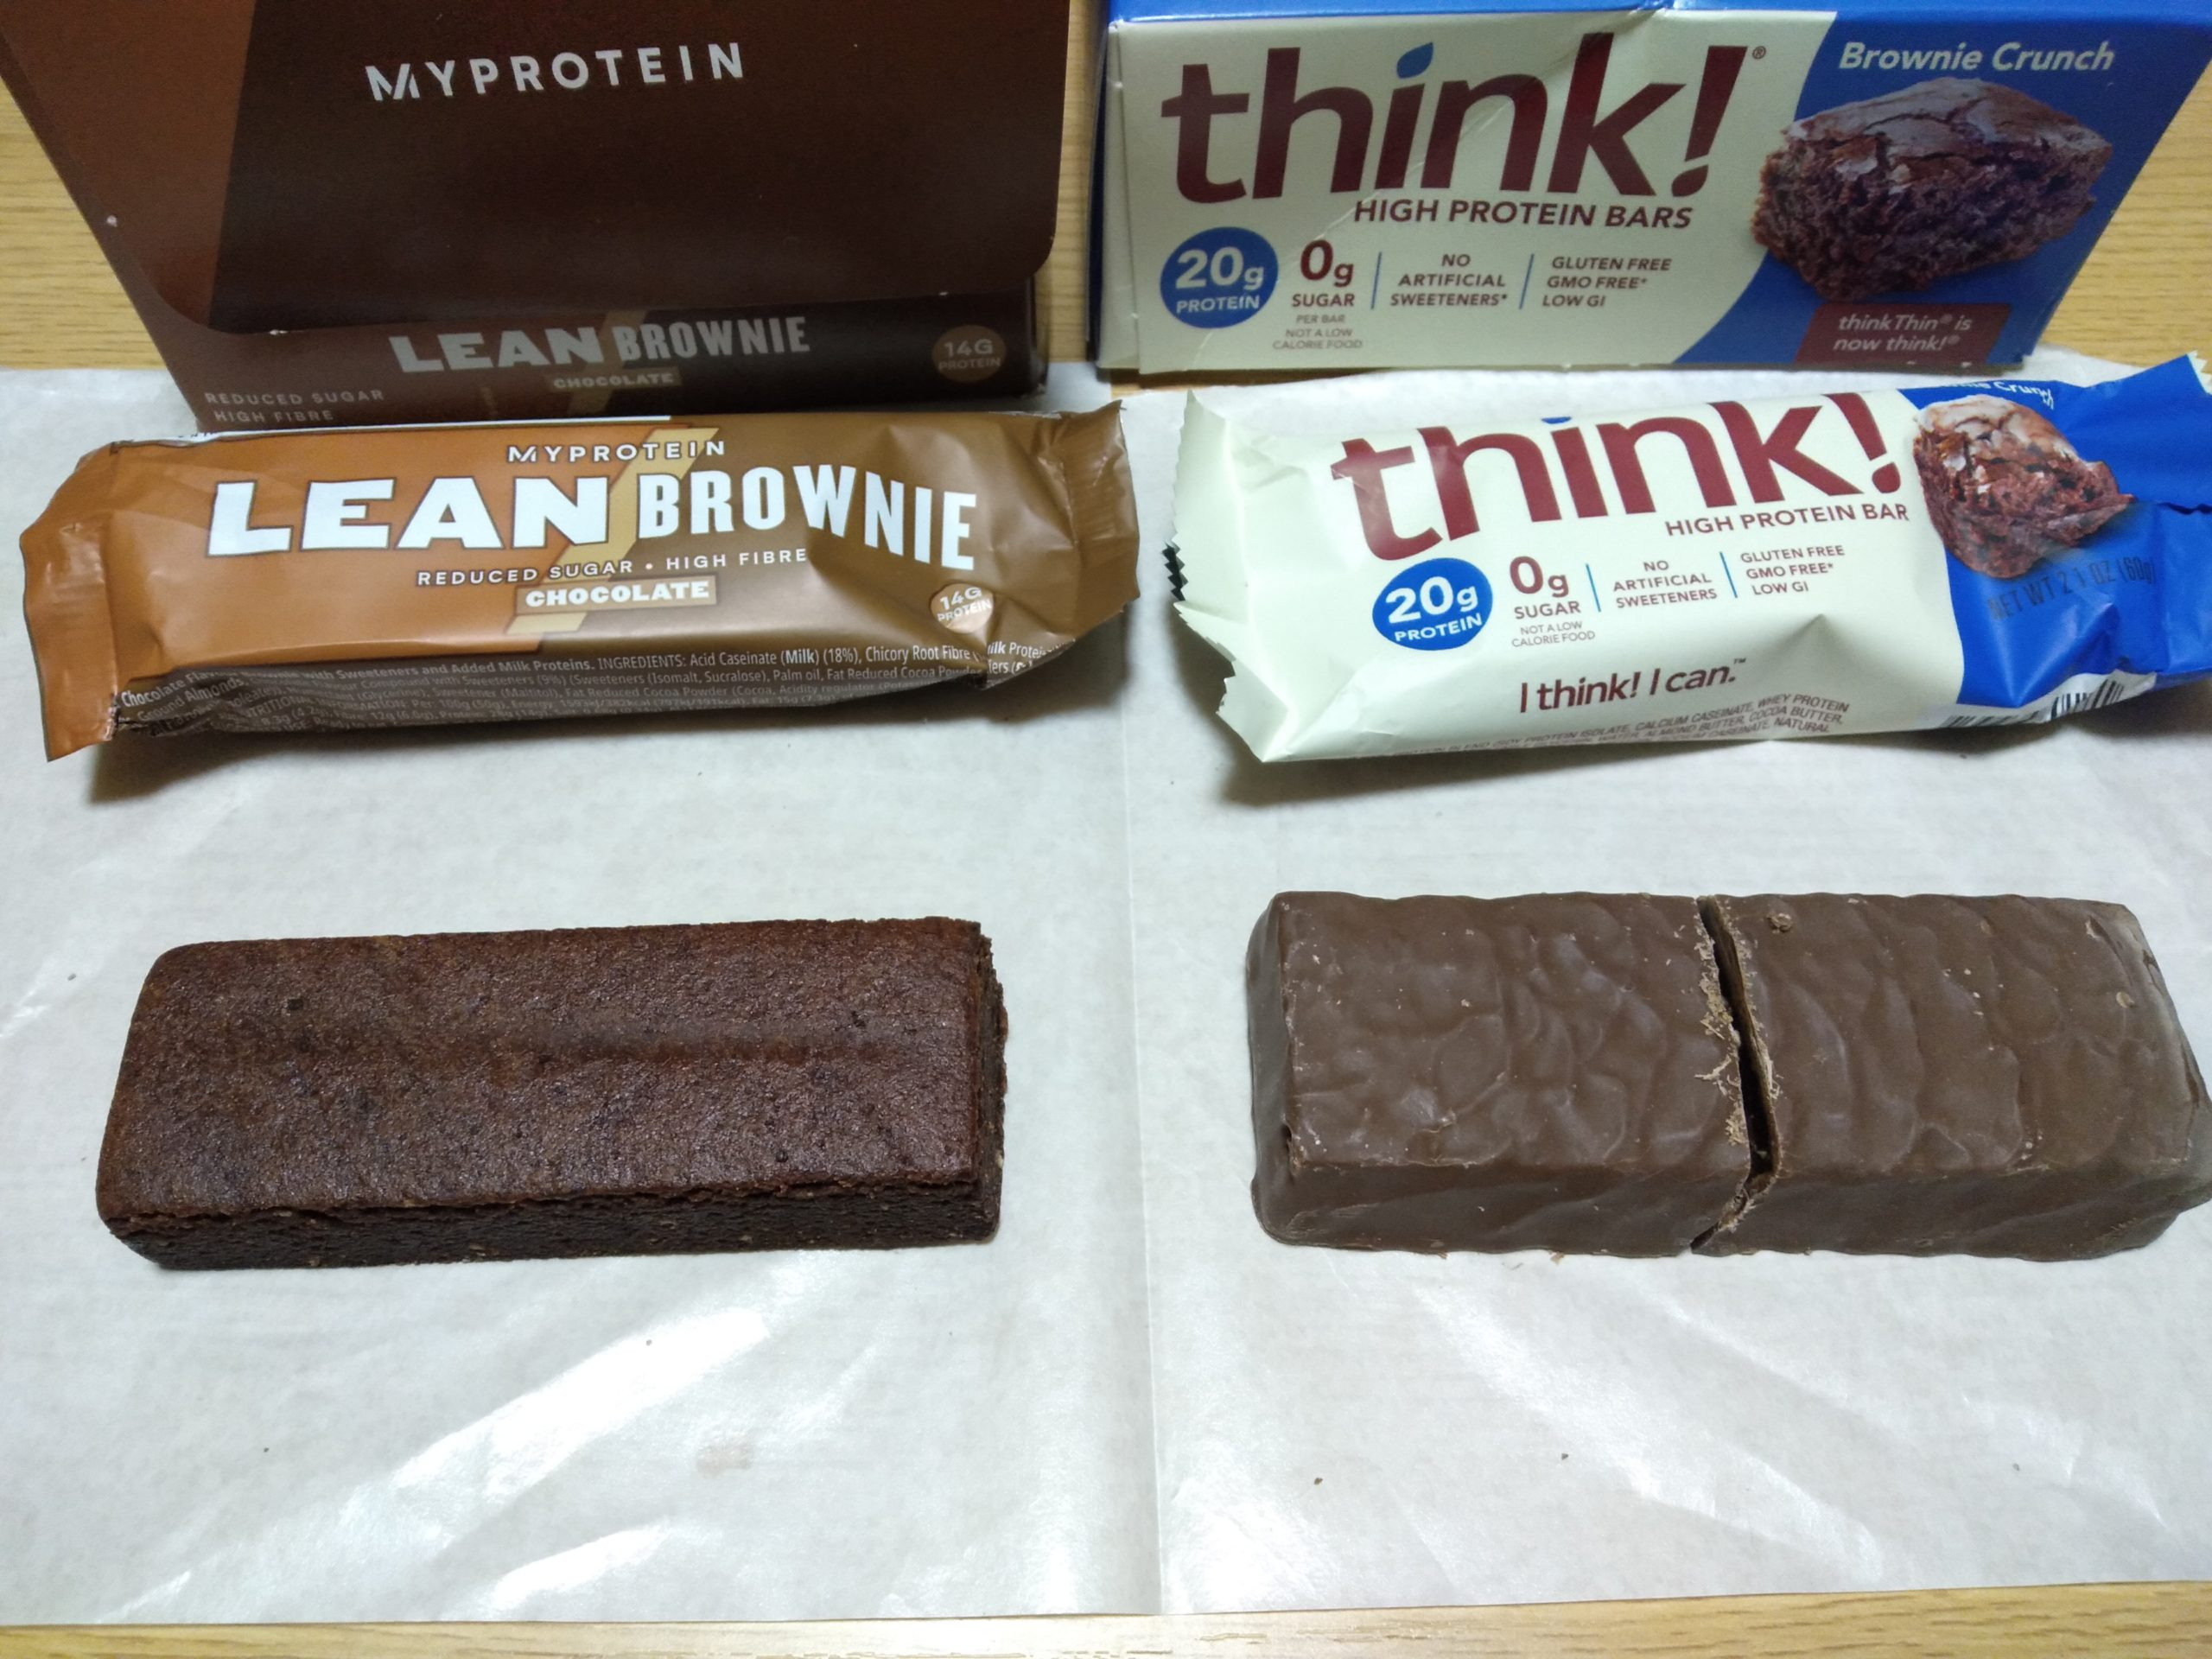 マイプロテインのリーンブラウニーとthink!のブラウニークランチの比較